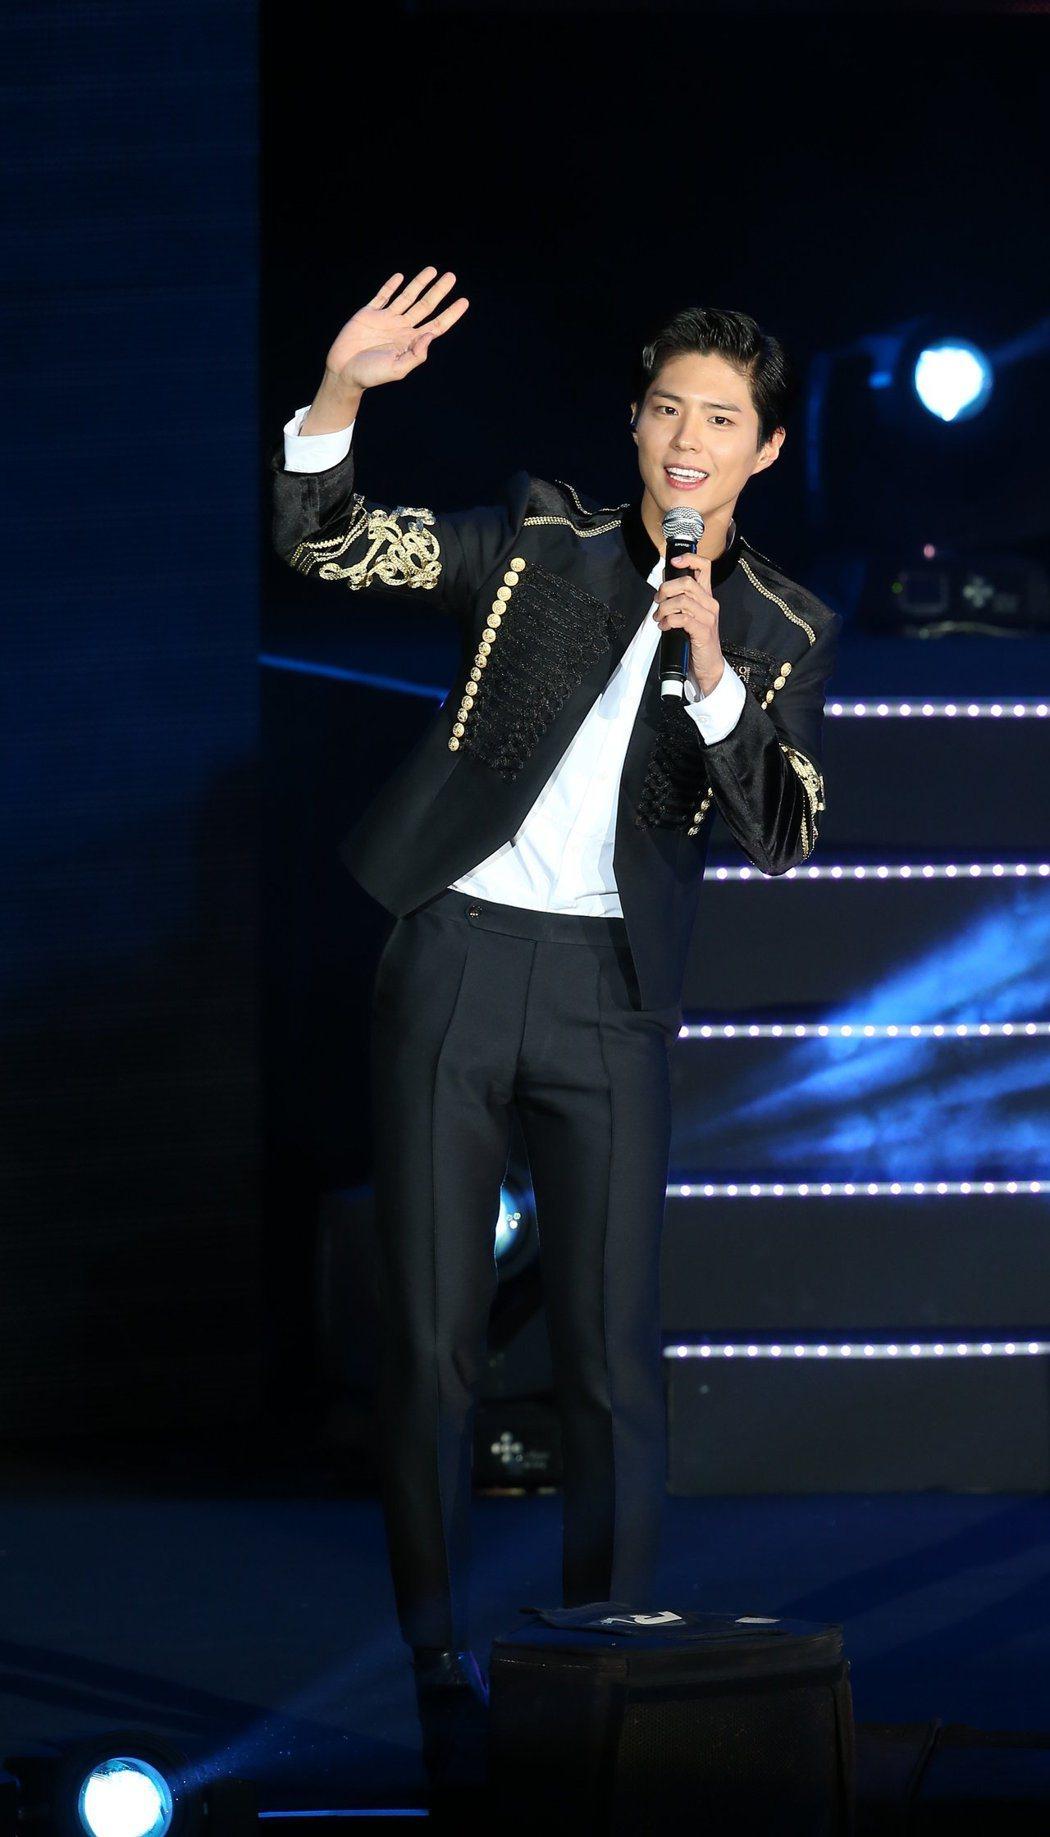 朴寶劍被點名擔任韓版周杰倫。圖/本報資料照